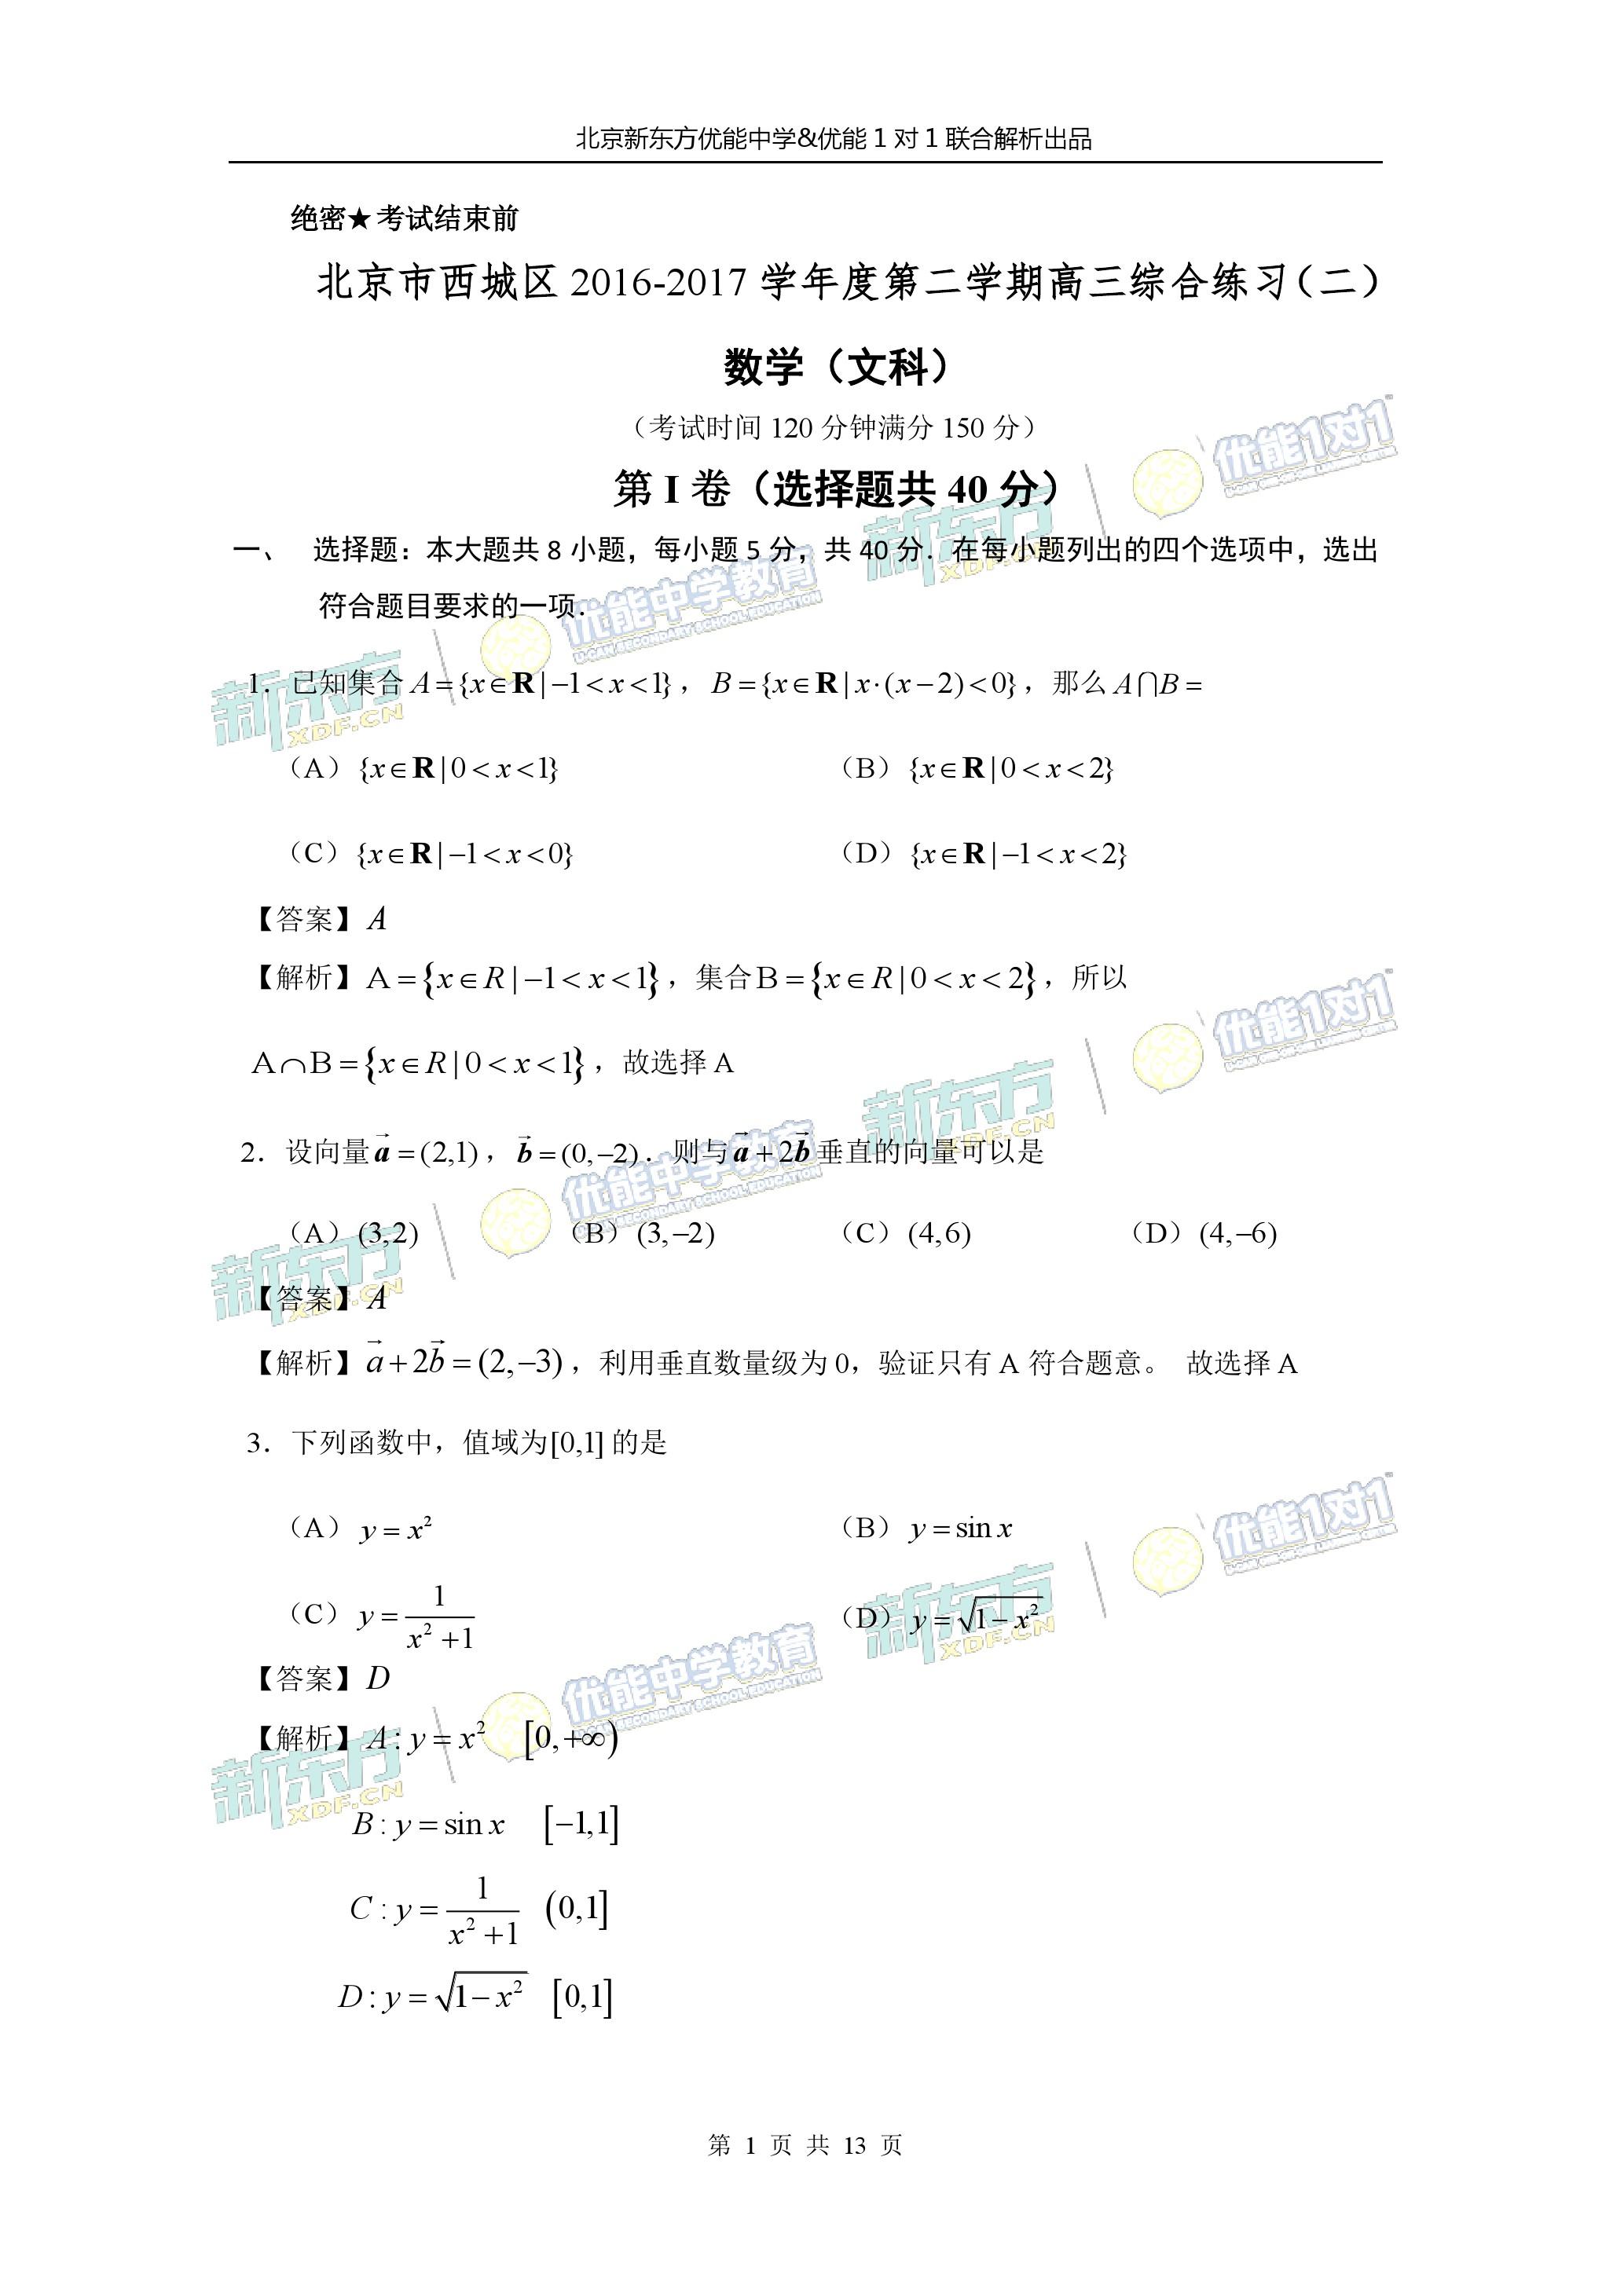 2017北京西城高三二模数学文试卷答案逐题解析